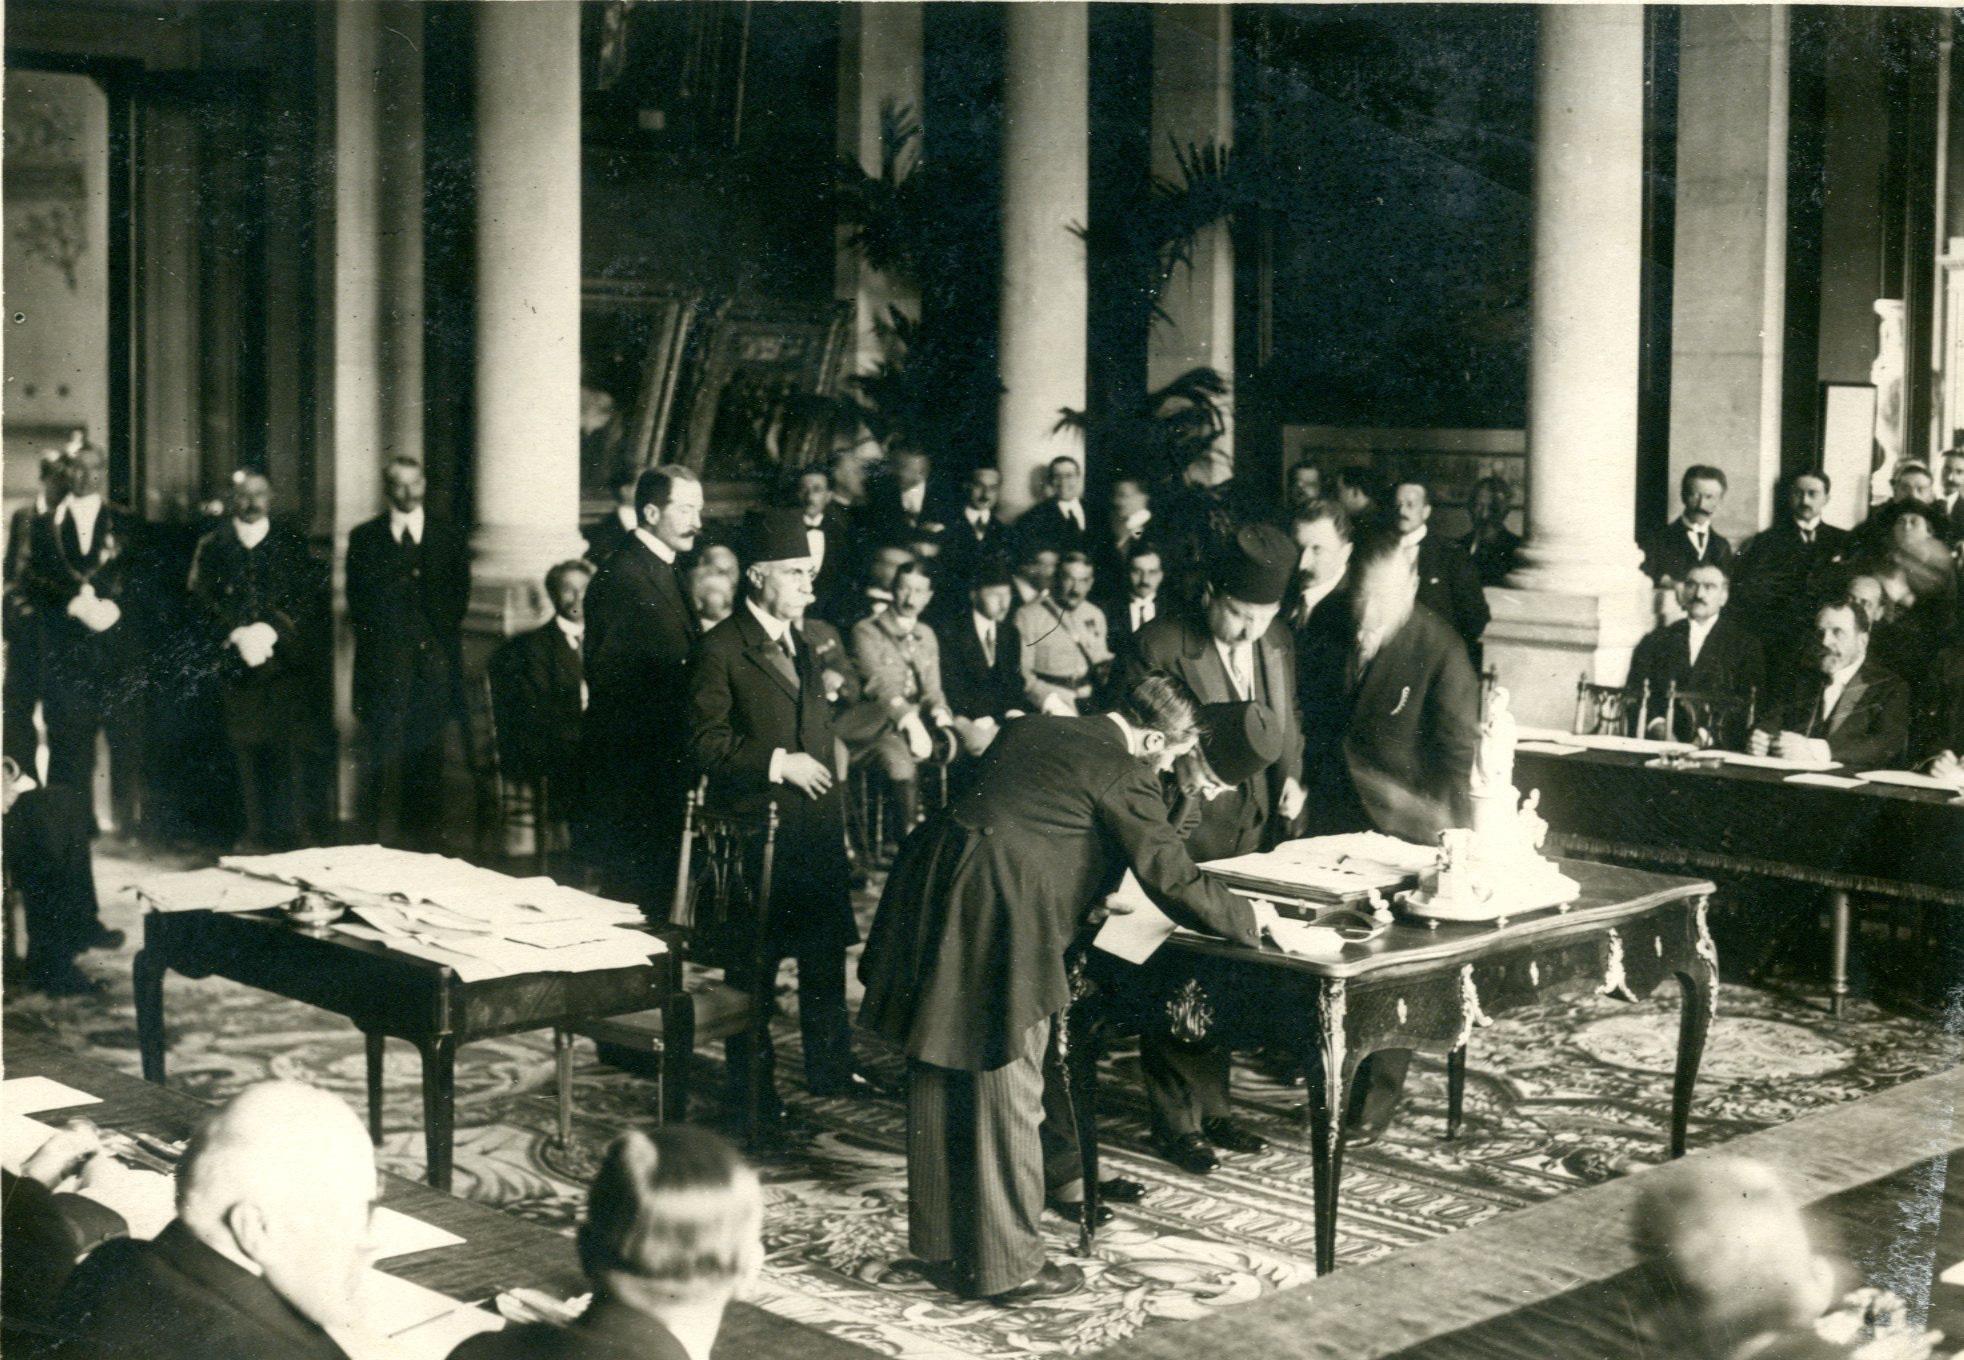 «Turkey is no more!» – noch hundert Jahre nach seiner Unterzeichnung empfinden viele Türken den Friedensvertrag von Sèvres als epochale Demütigung. Gastbeitrag von Rasim Marz in der Neuen Zürcher Zeitung